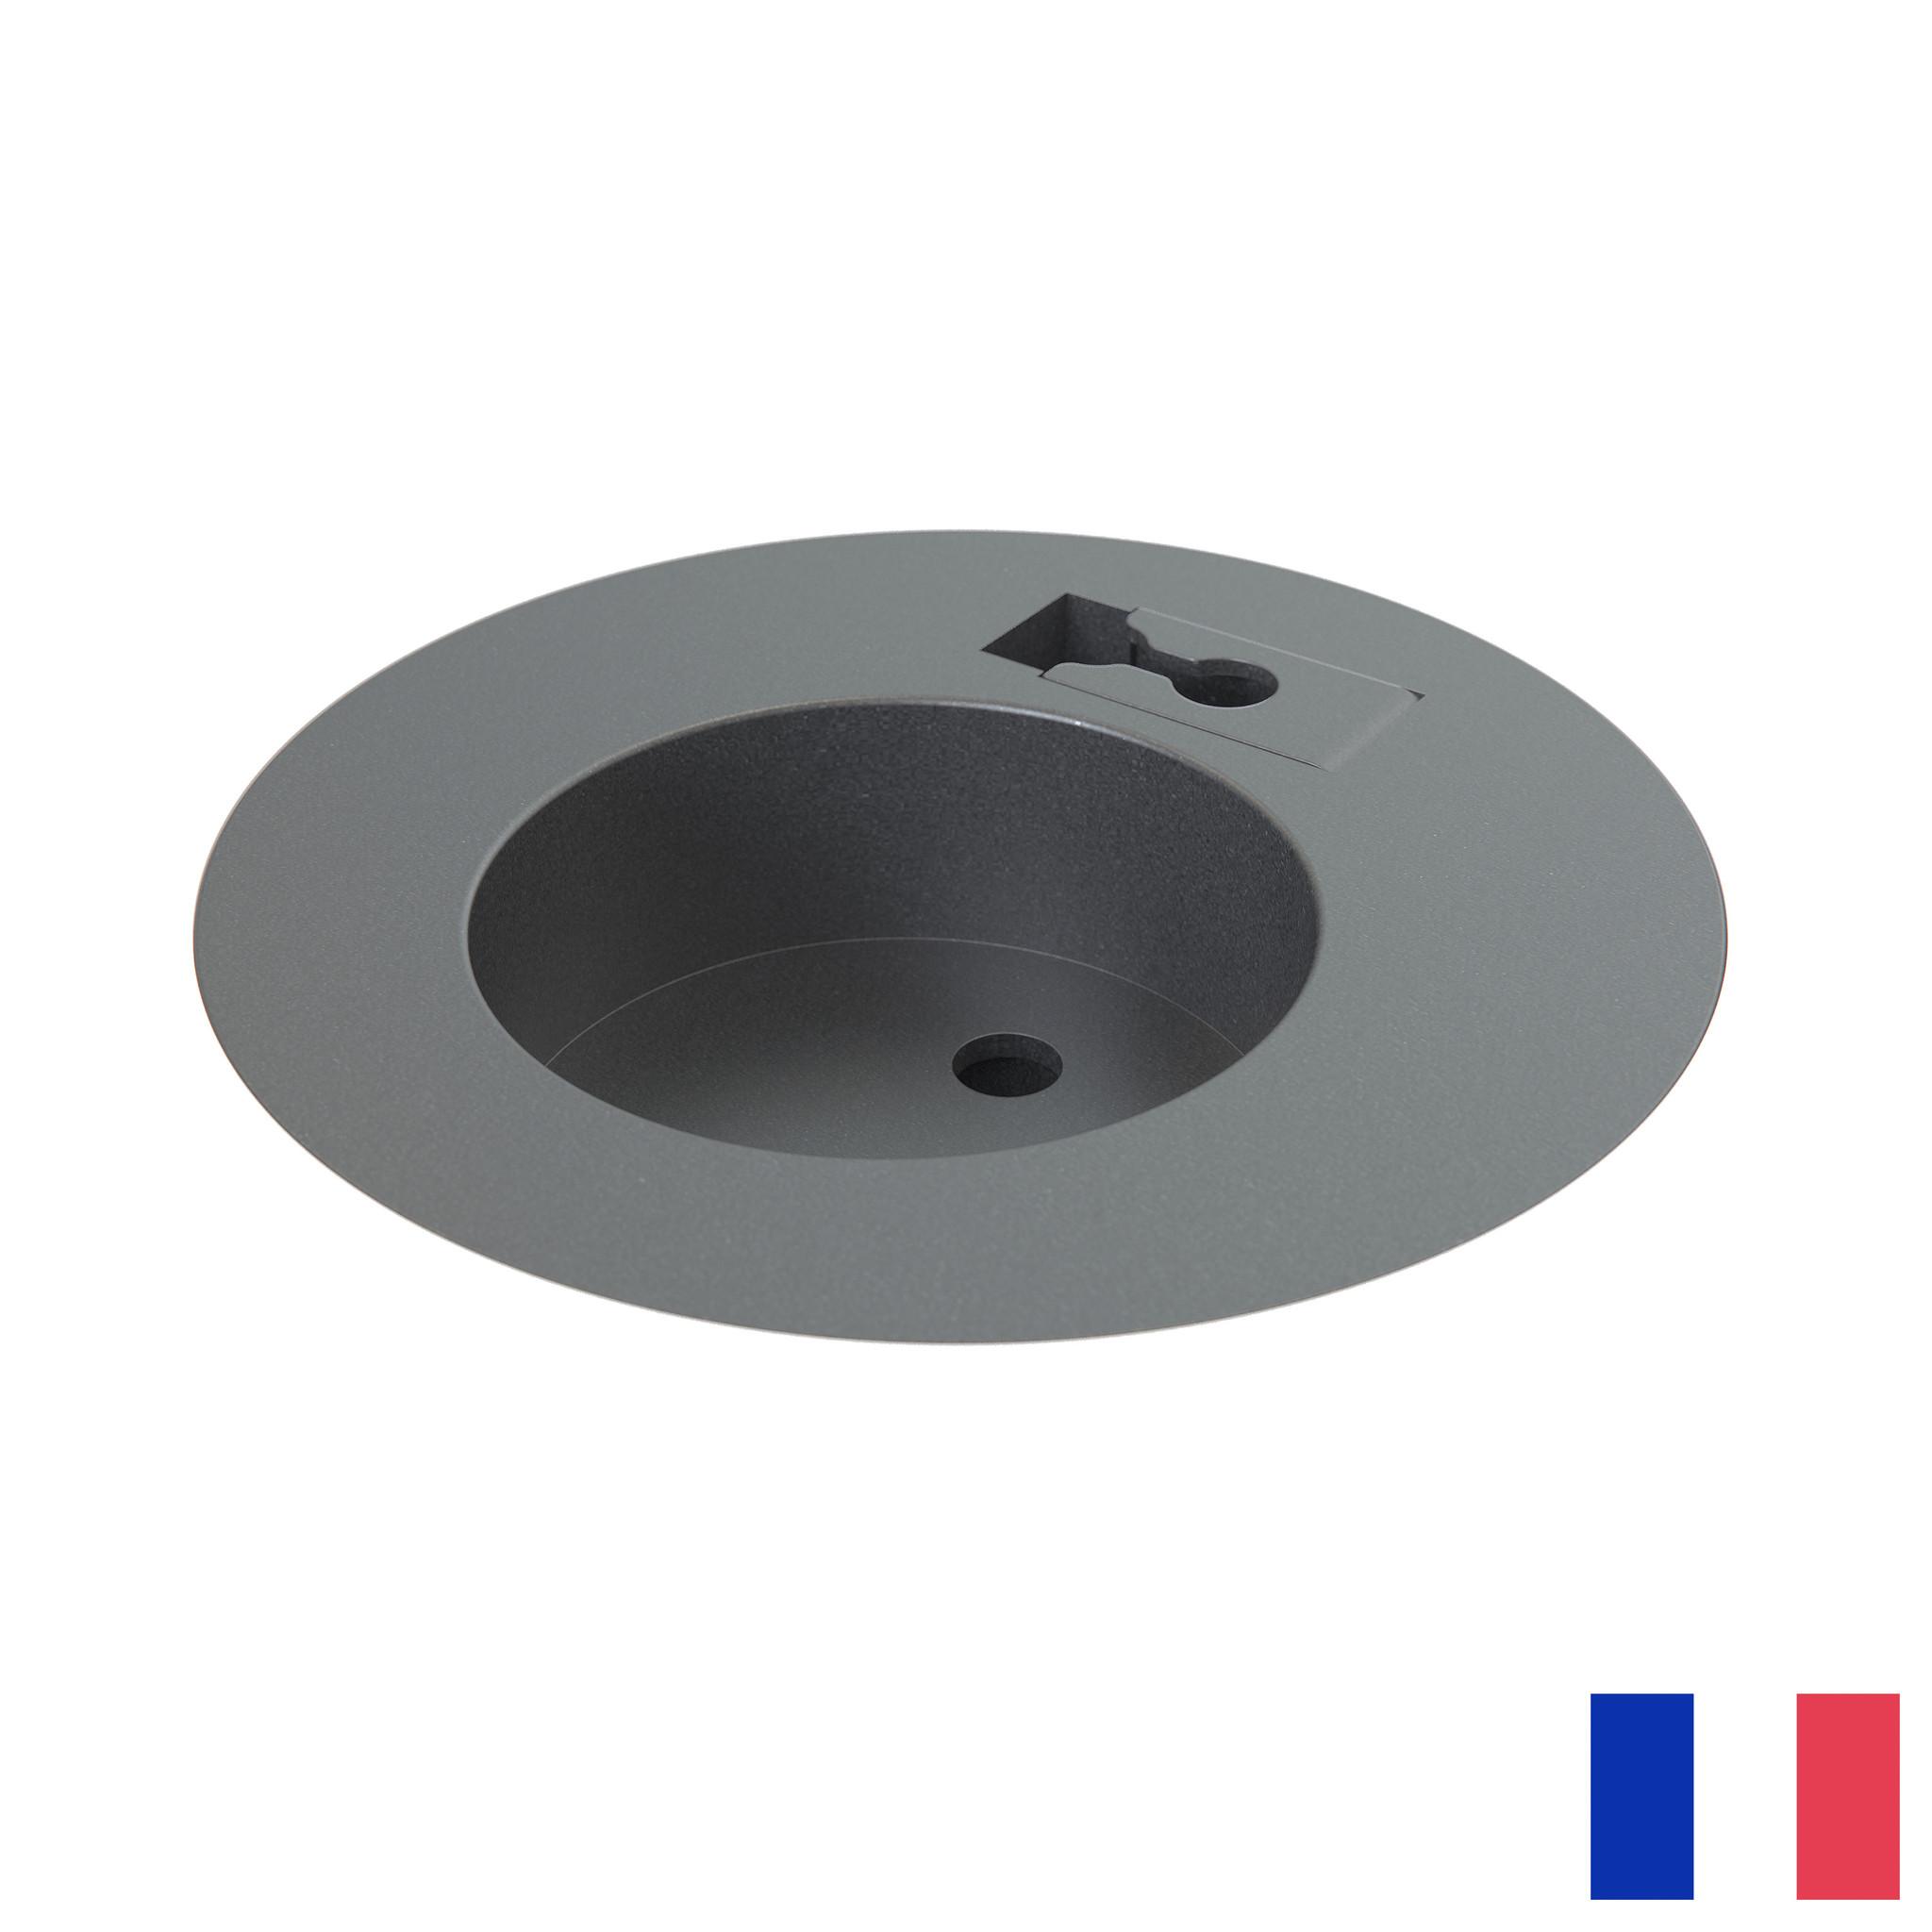 Powerdot Midi penaarde BE/FR (UTE) met kabeldoorvoer zwart